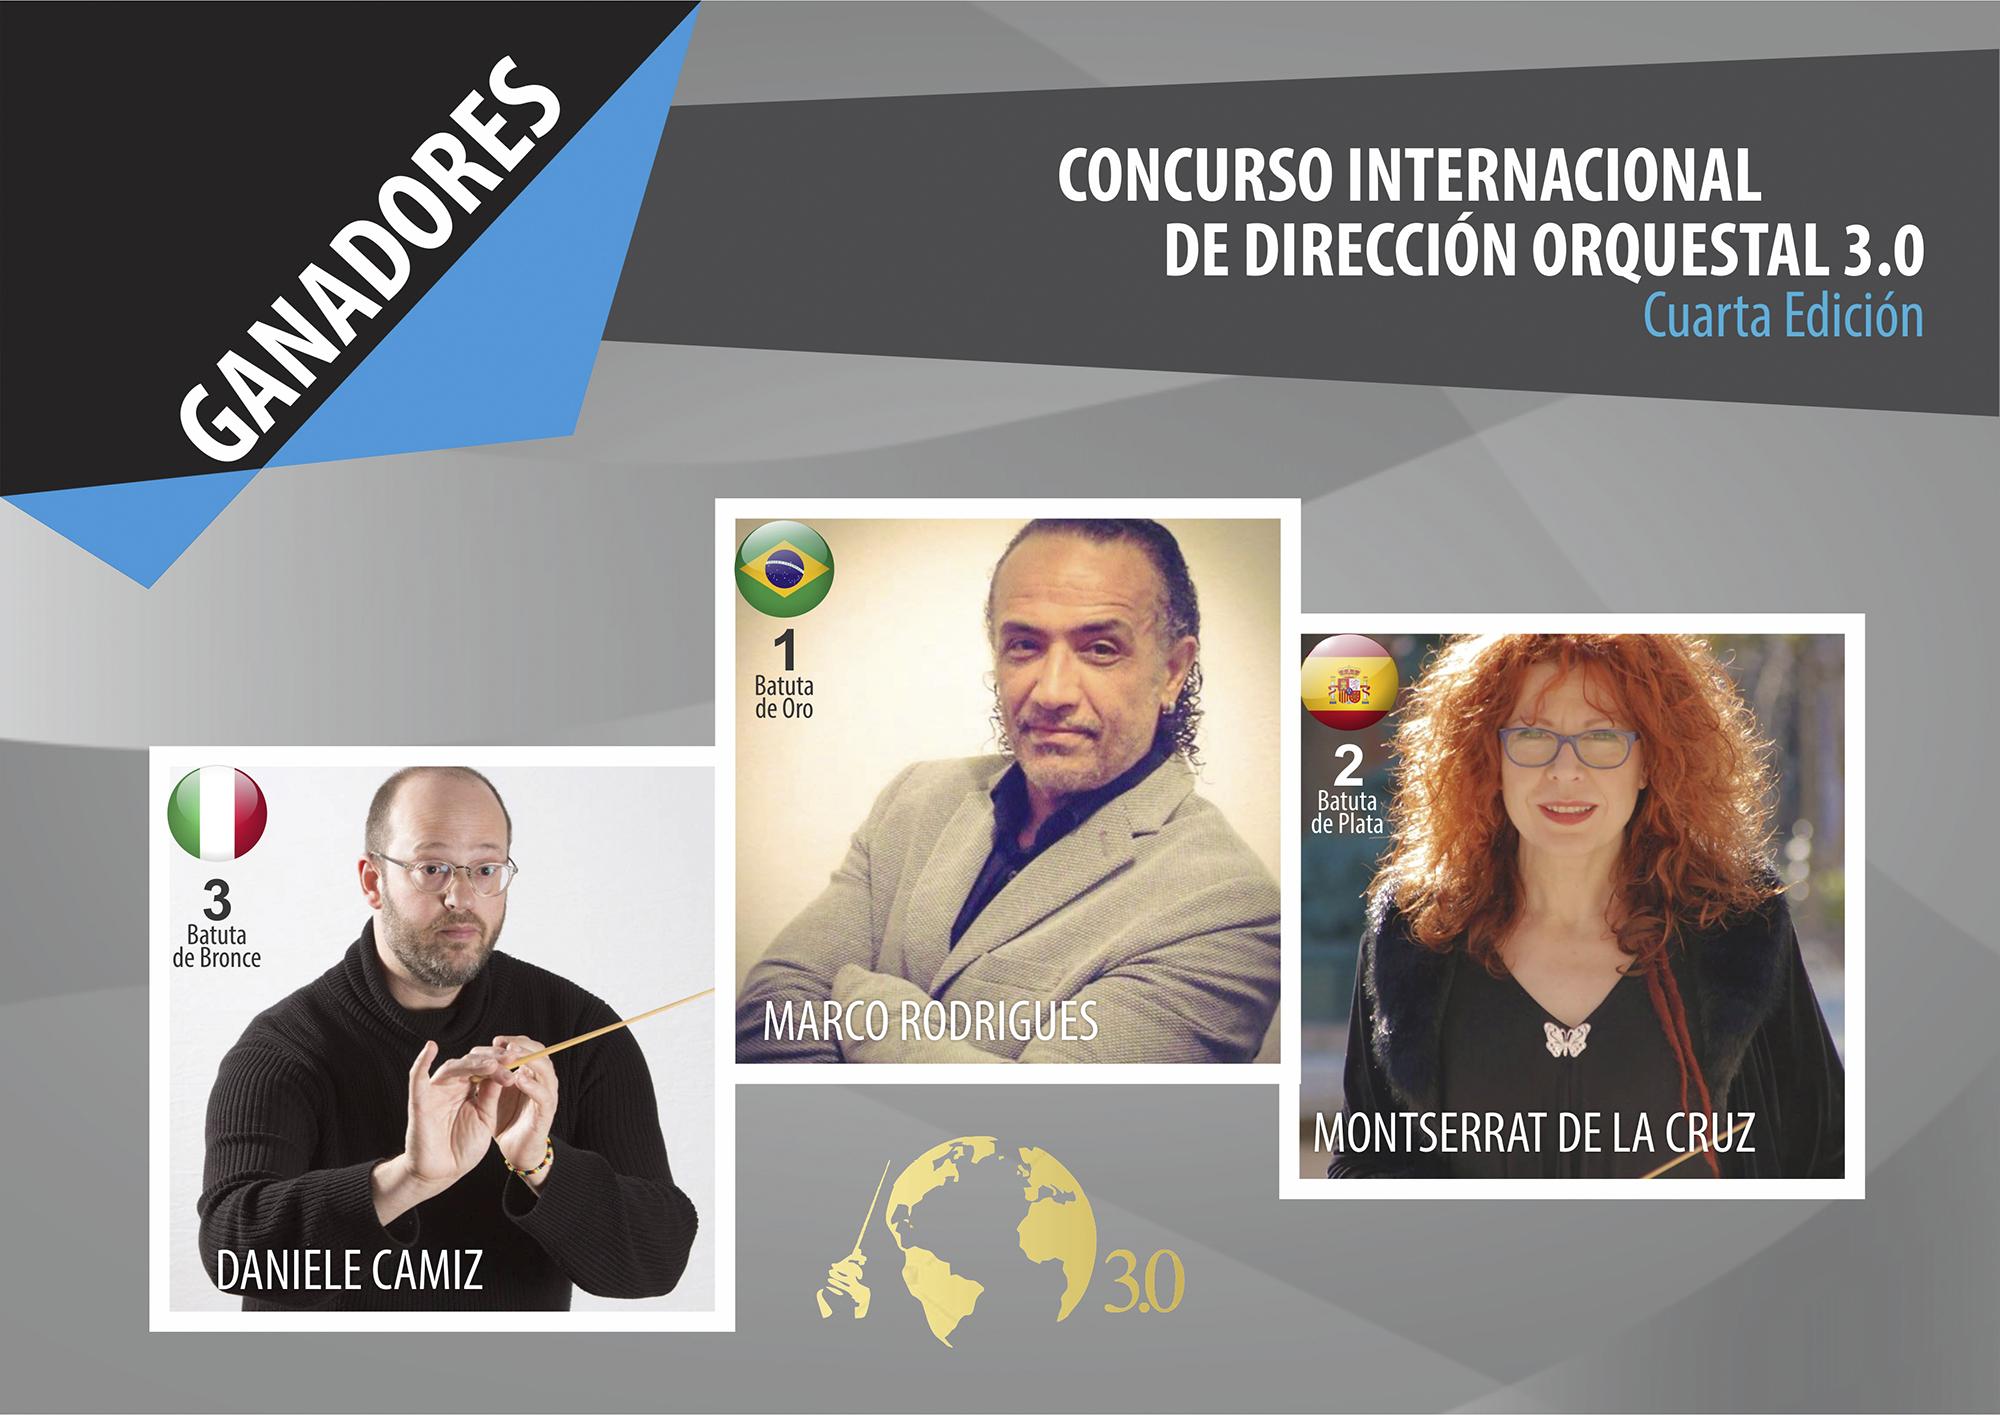 Maestro brasileño triunfa en concurso organizado por la OSN y la Escuela Mº Navarro Lara imagen